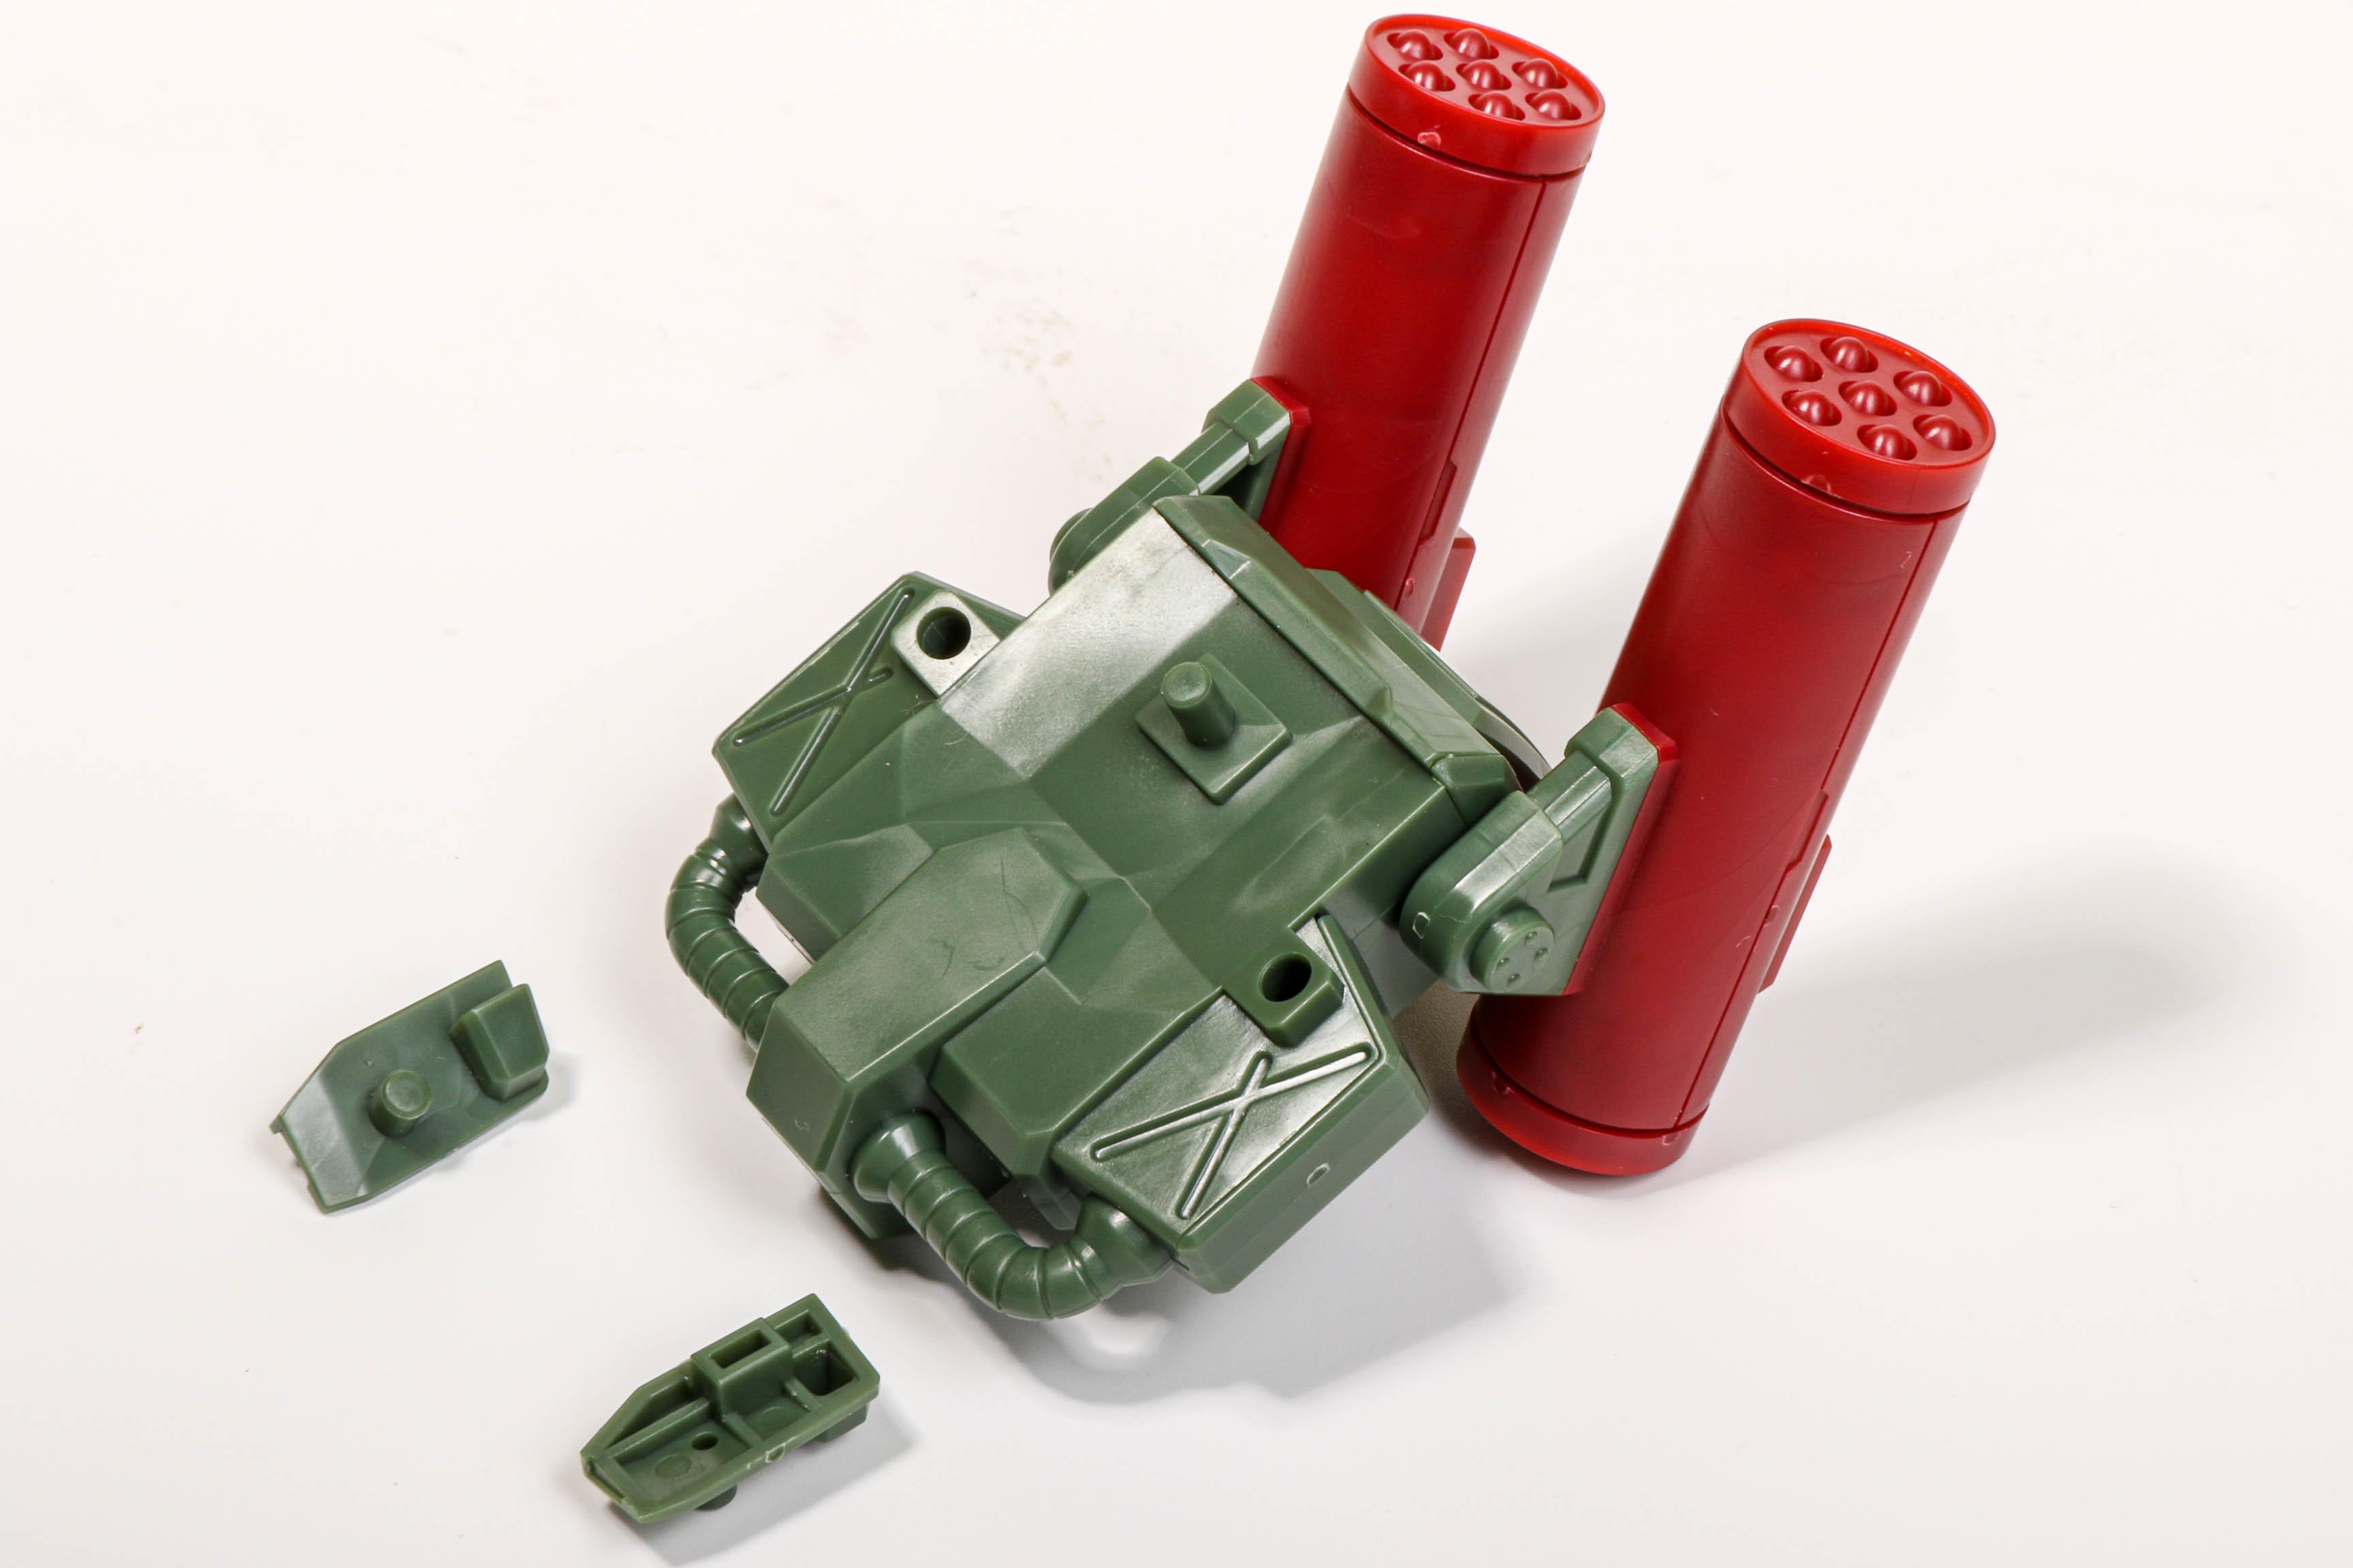 PLAMAX コンバットアーマーズマックスキットレビュー!! アビテート T10B ブロックヘッド 強化型ザック装着タイプ_f0395912_17073186.jpg